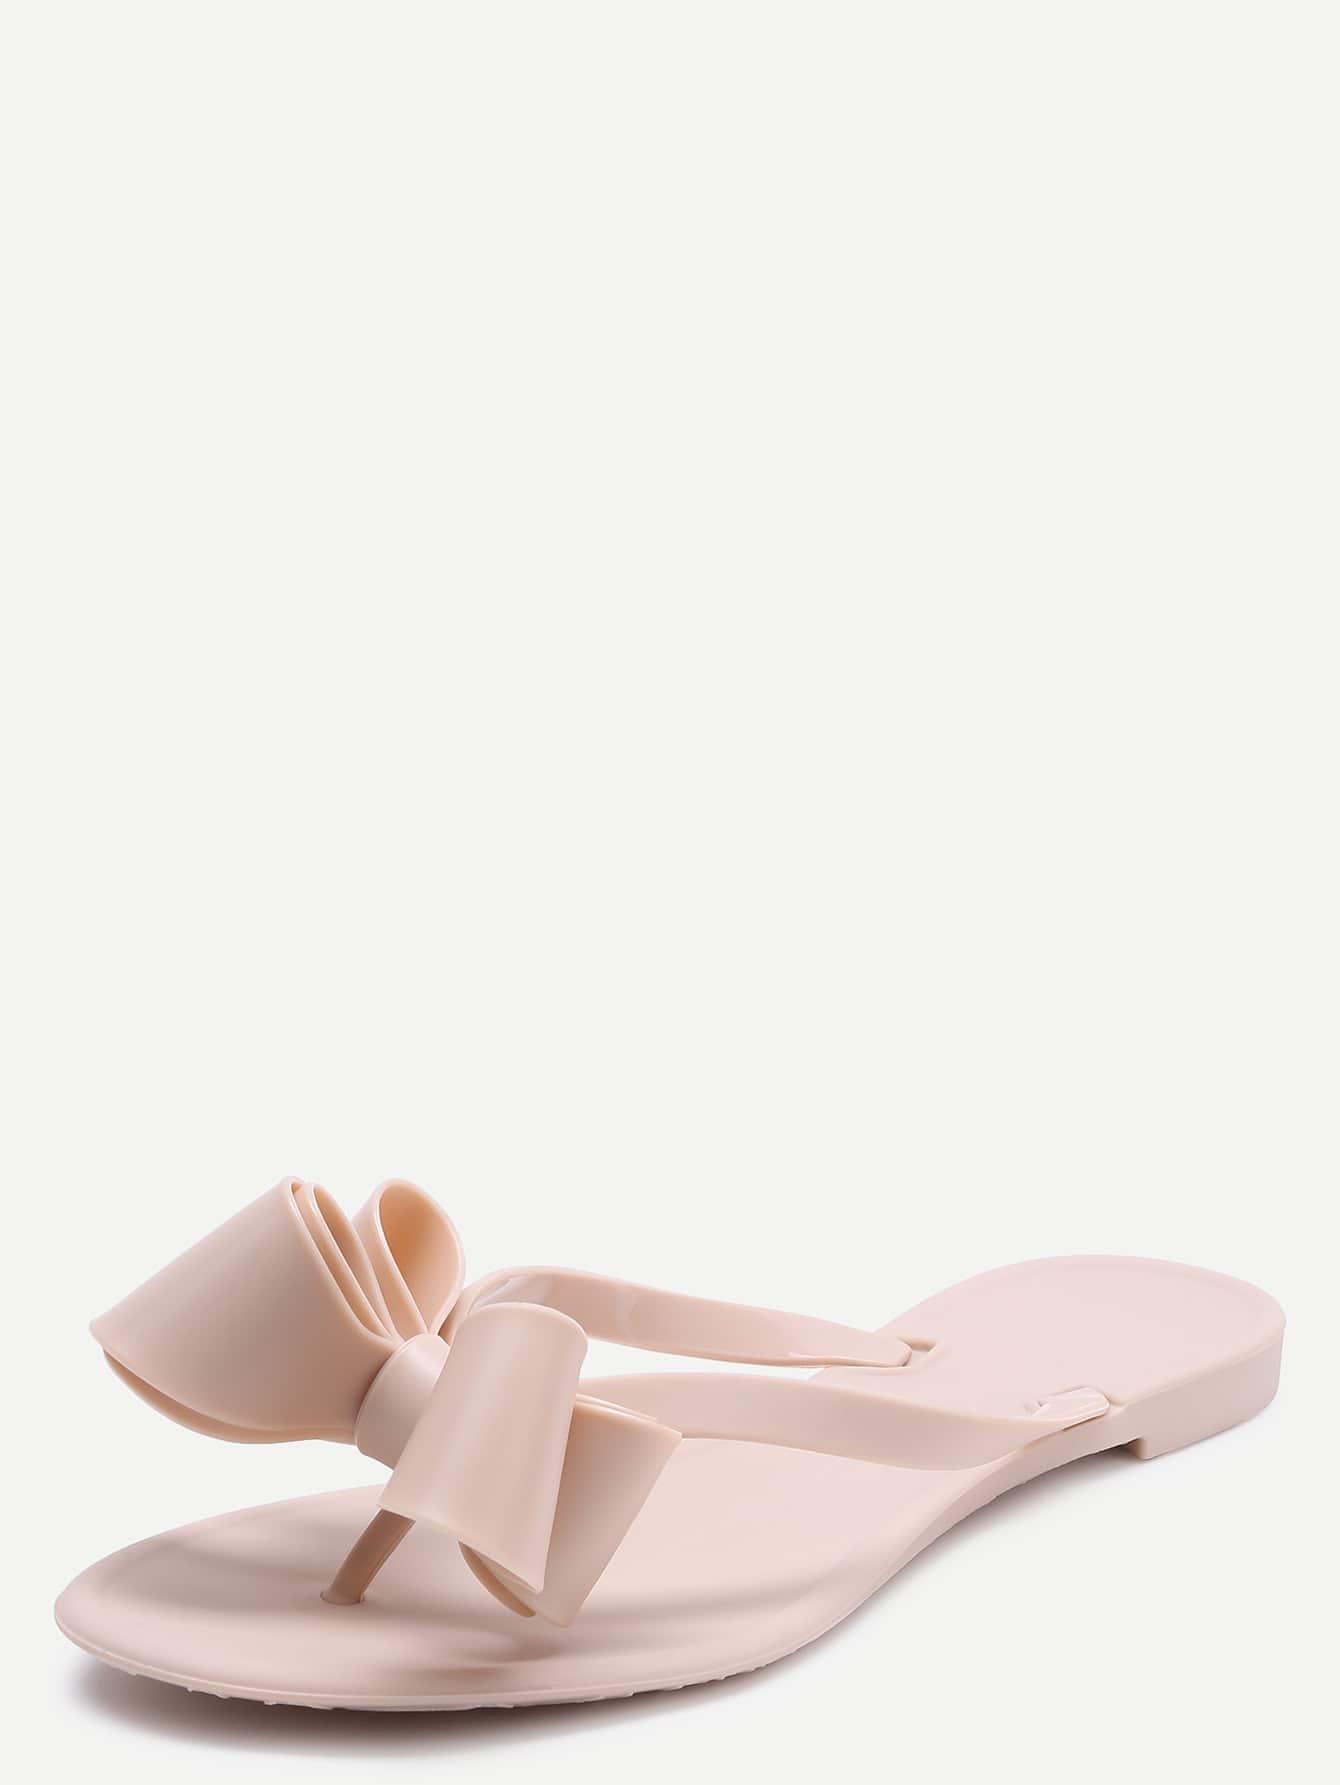 shoes170110807_2